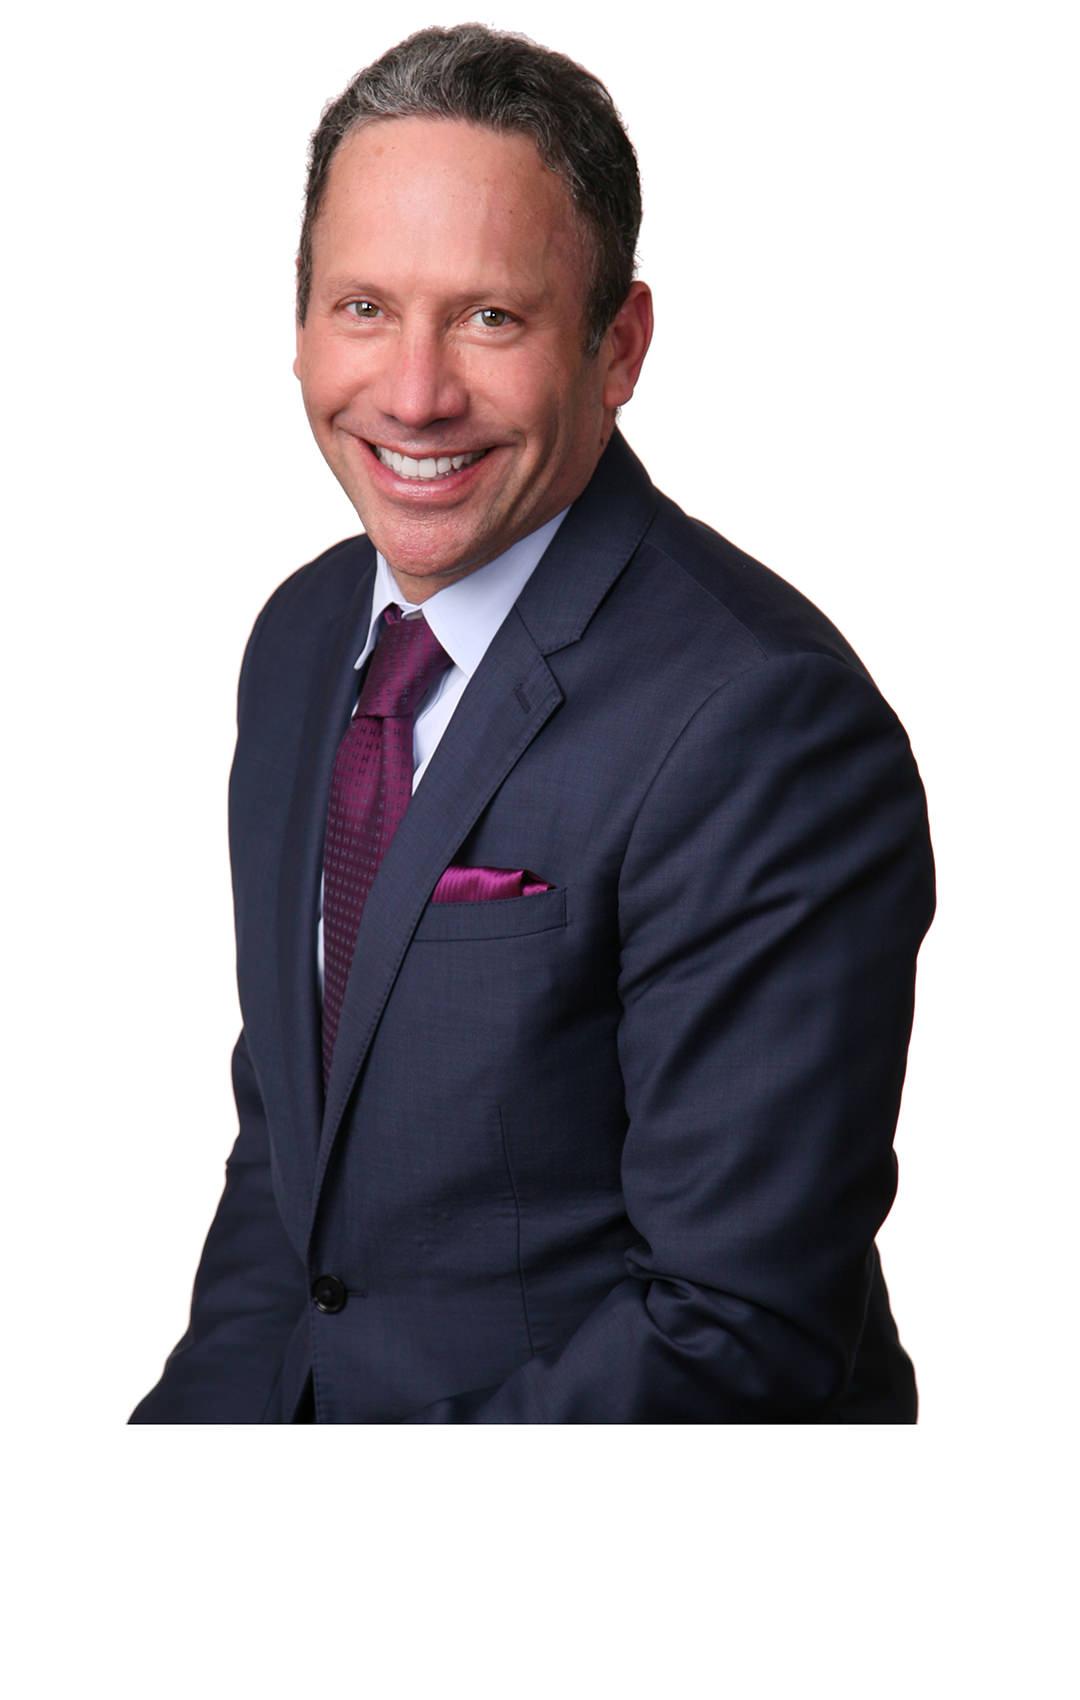 Bret A. Cohen